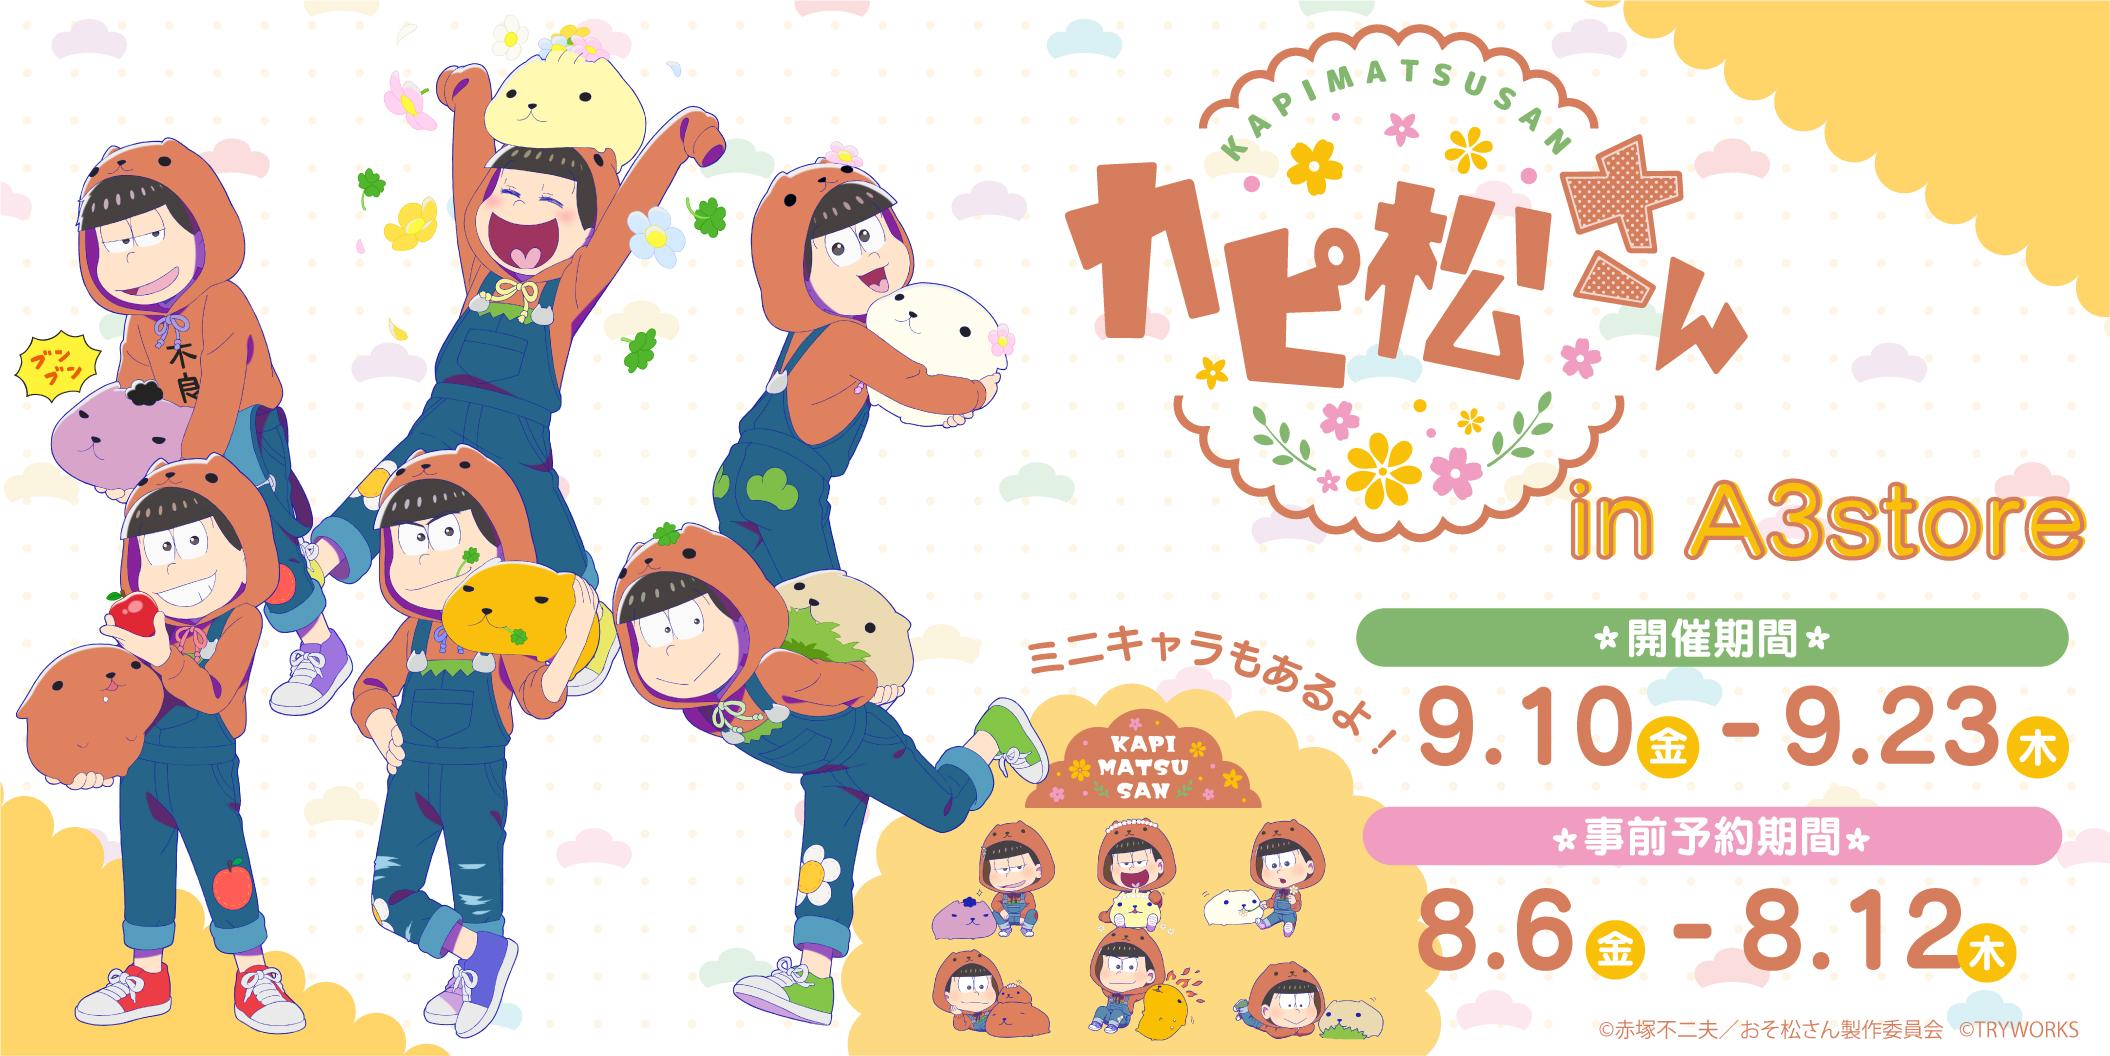 「カピ松さん」ポップアップショップ!可愛すぎるグッズ・オンラインでも購入可能